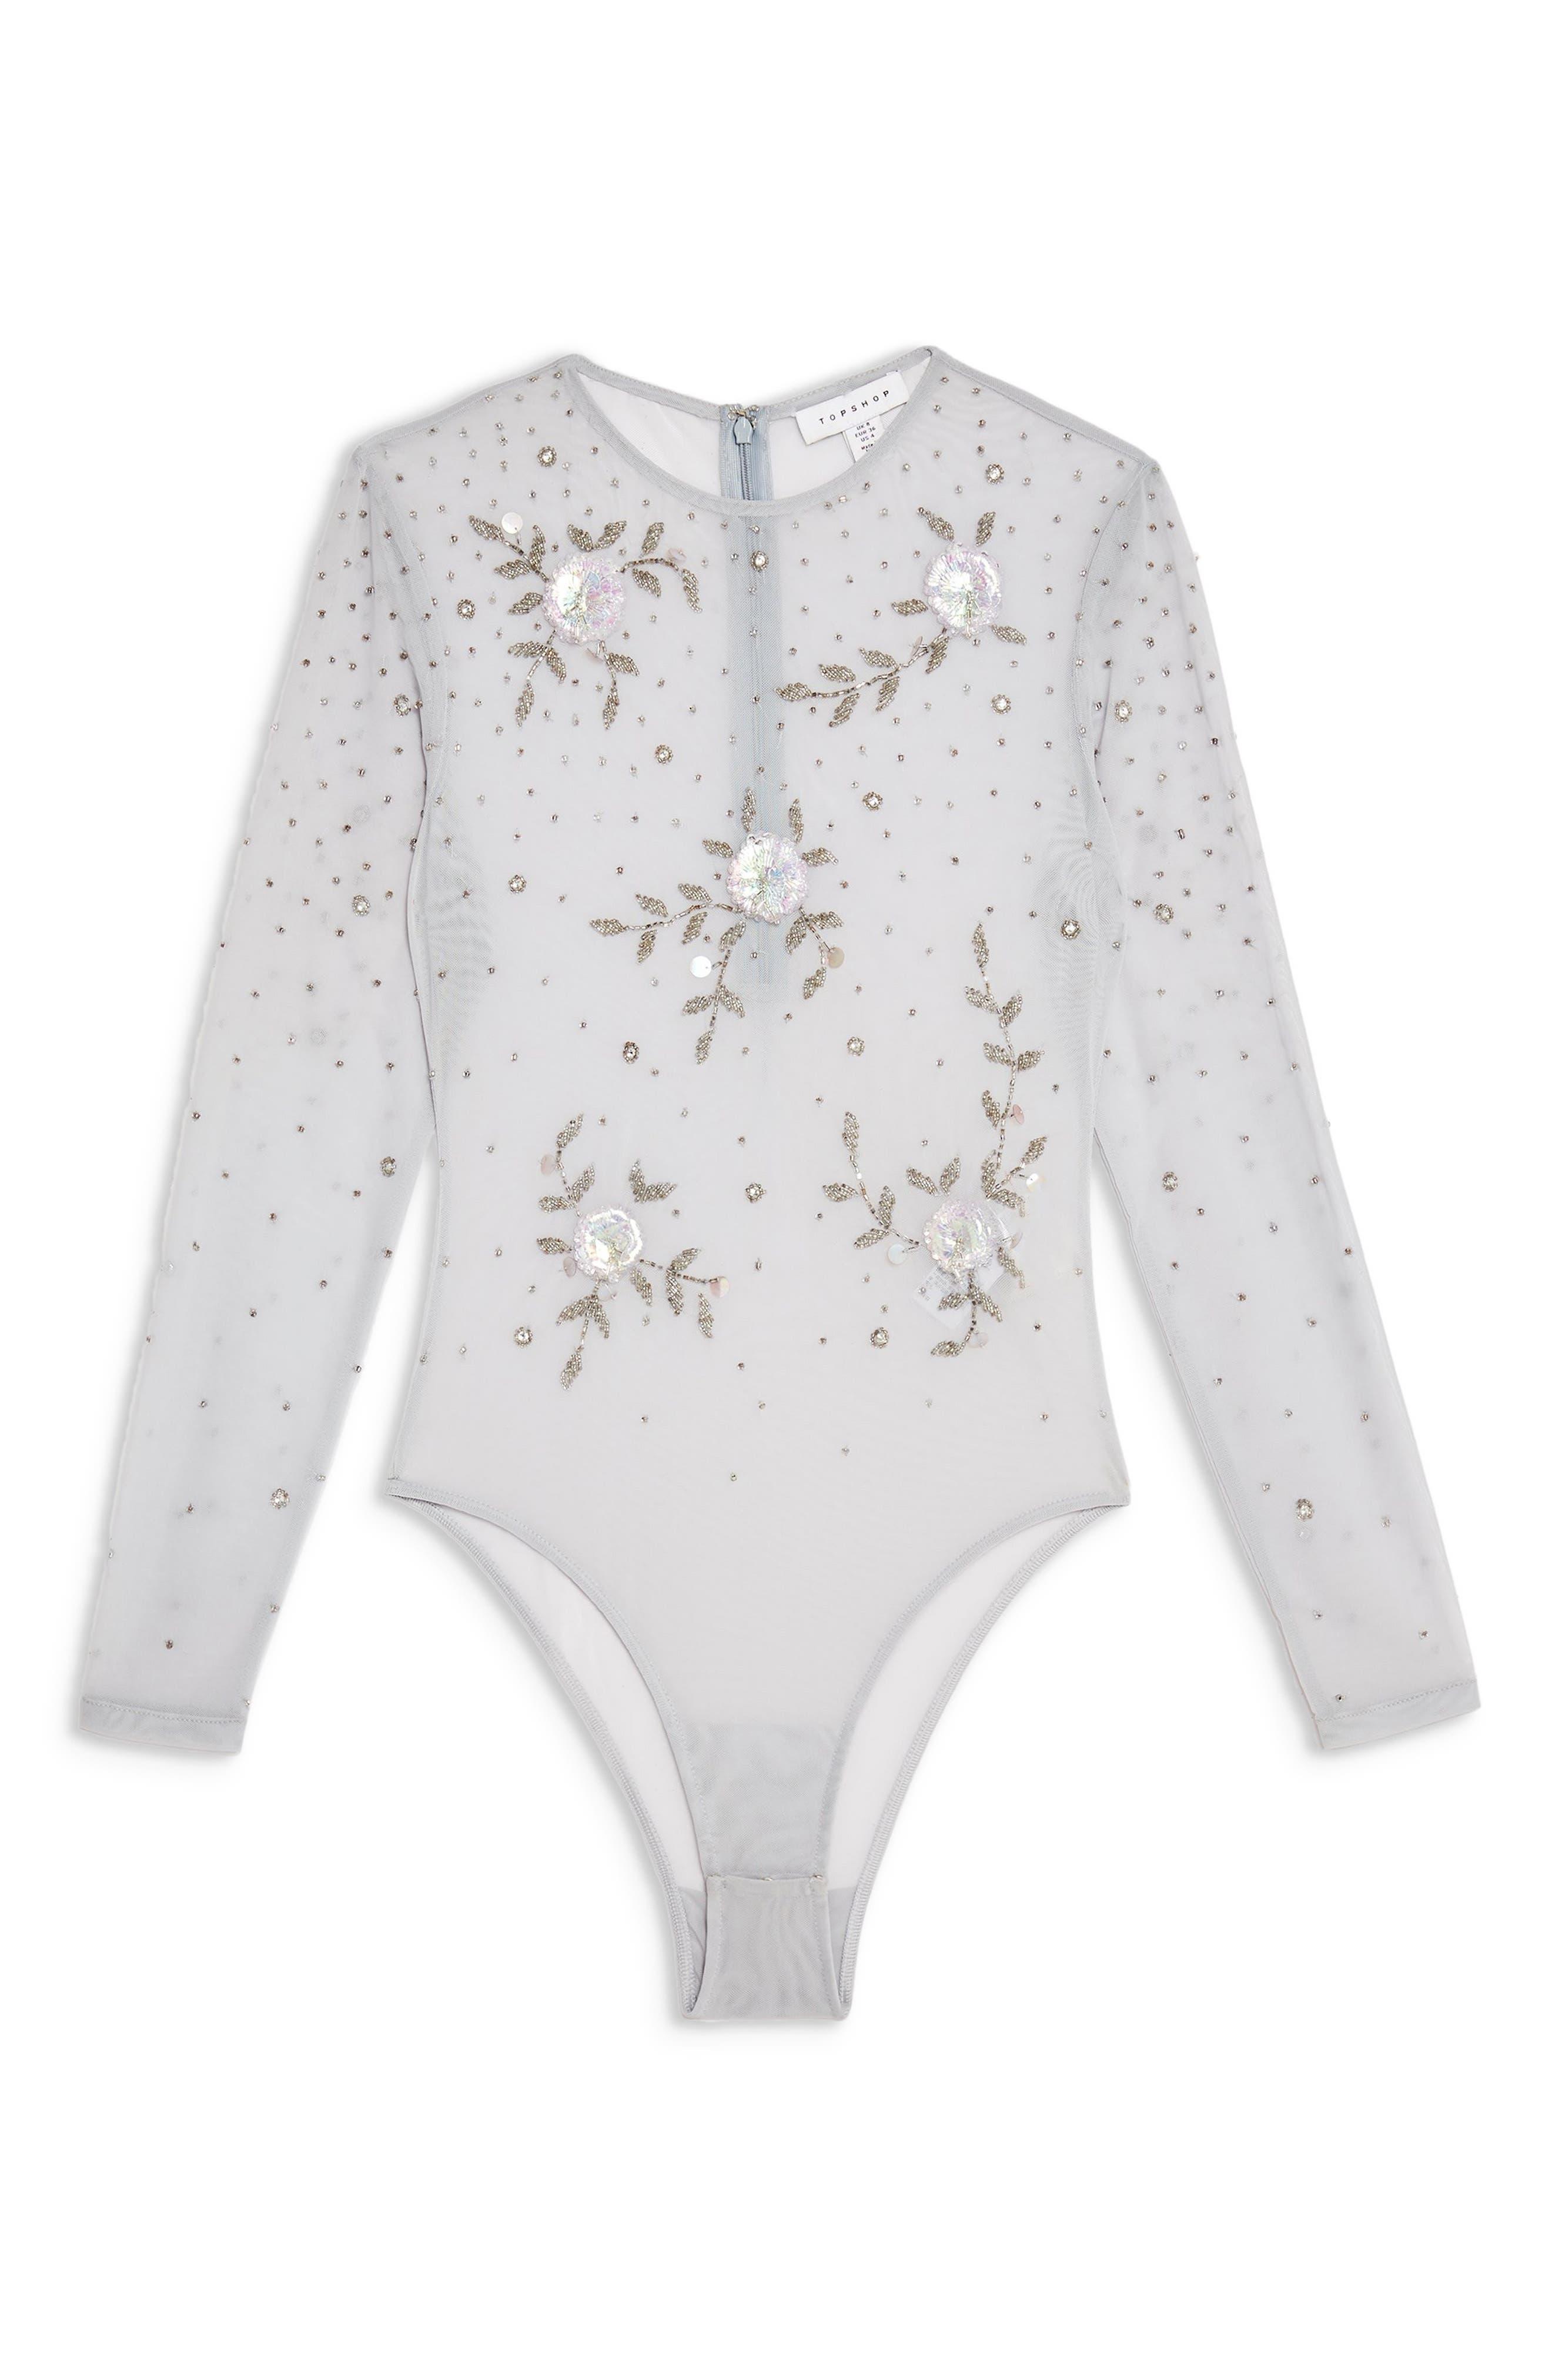 TOPSHOP, Embellished Floral Bodysuit, Alternate thumbnail 2, color, 100